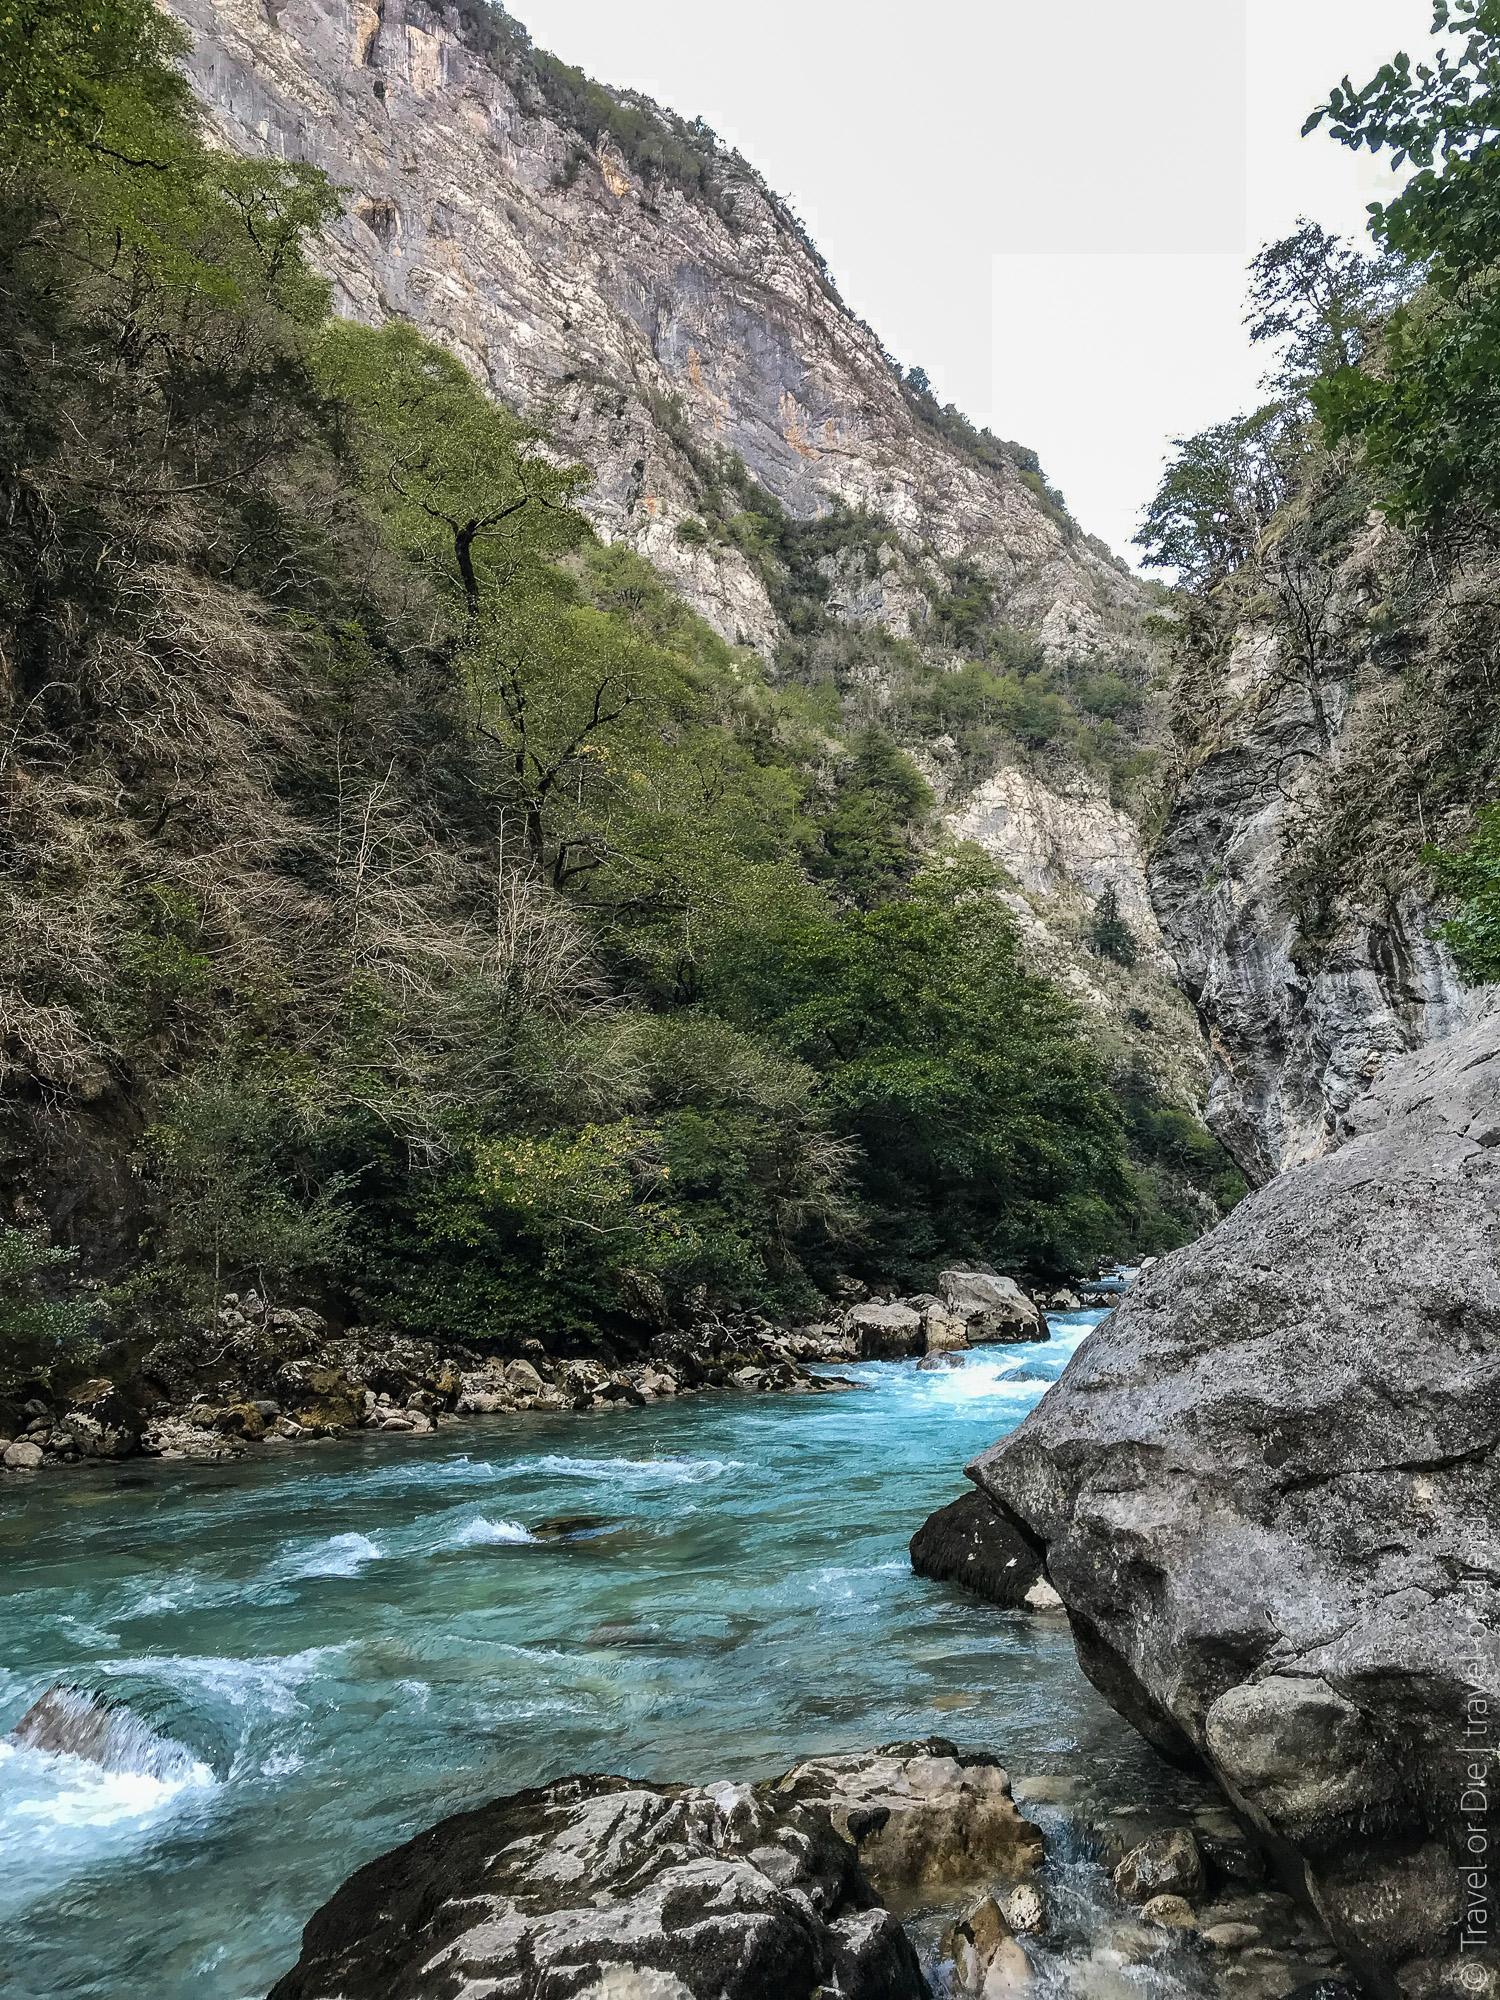 Lake-Ritsa-Abkhazia-Озеро-Рица-Абхазия-7587